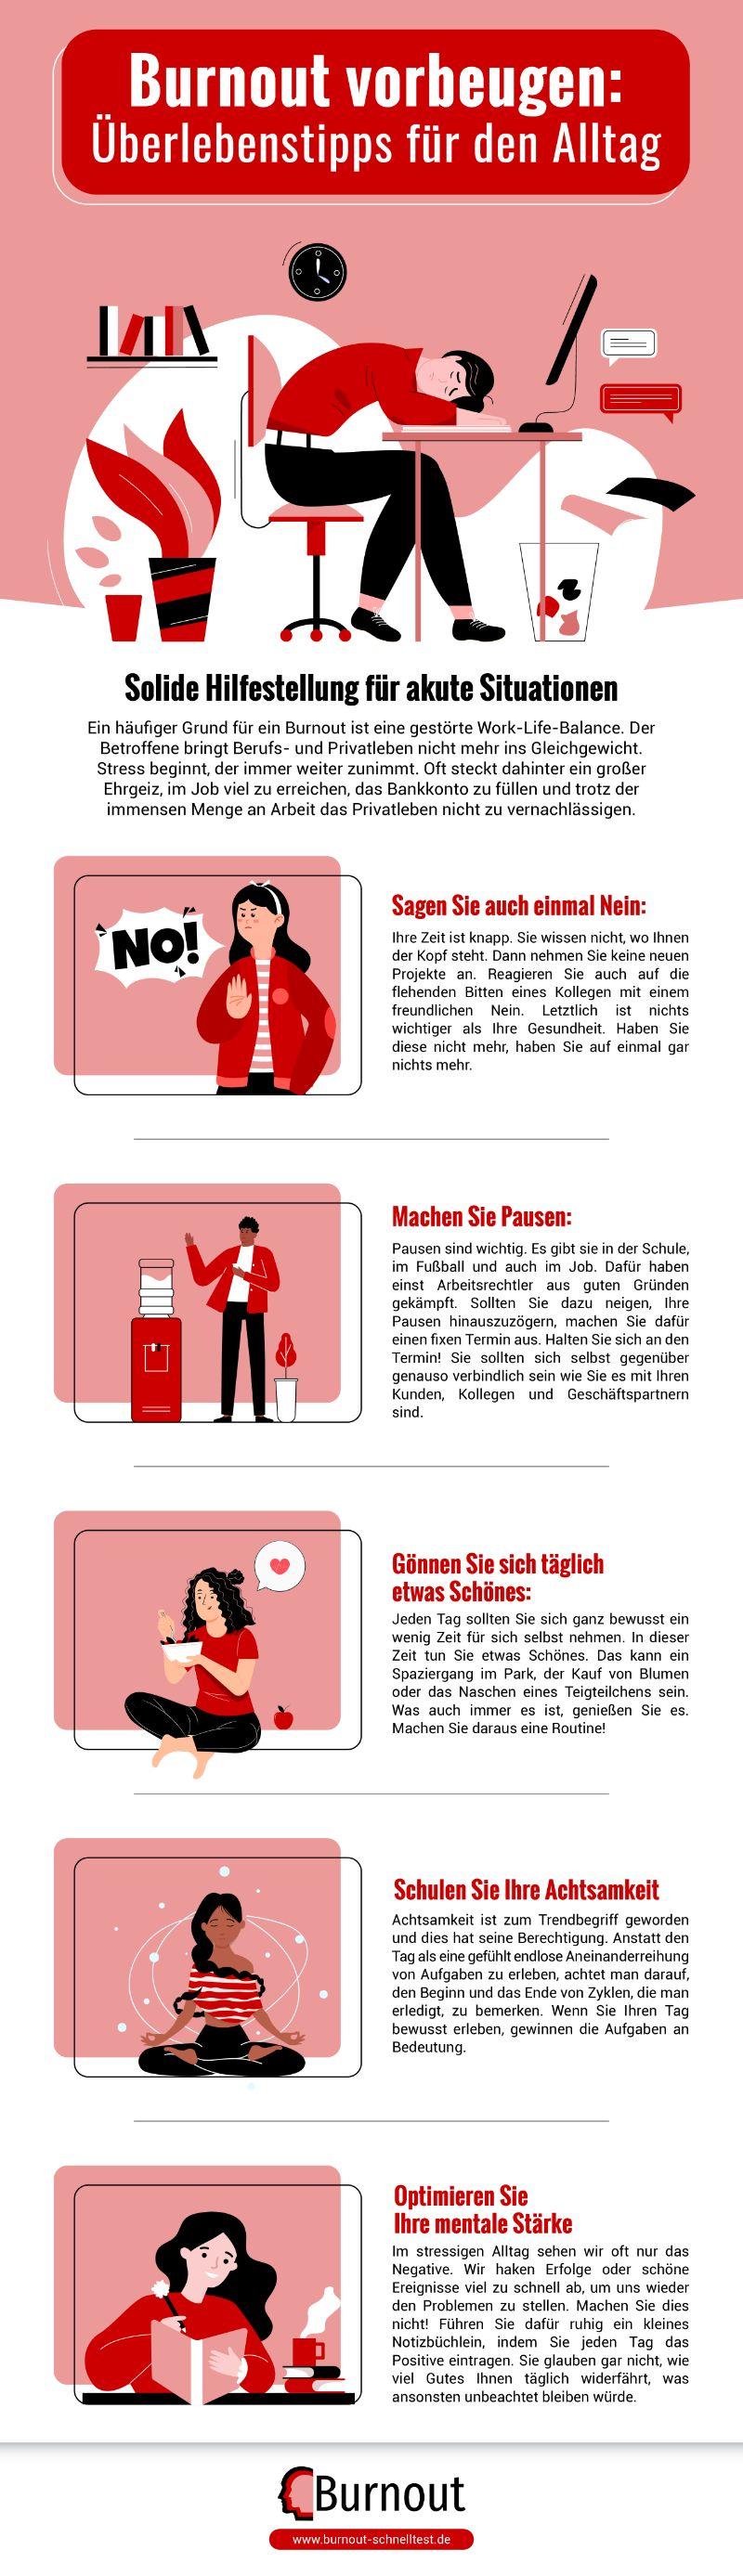 Infografik Burnout vorbeugen - Überlebenstipps für den Alltag